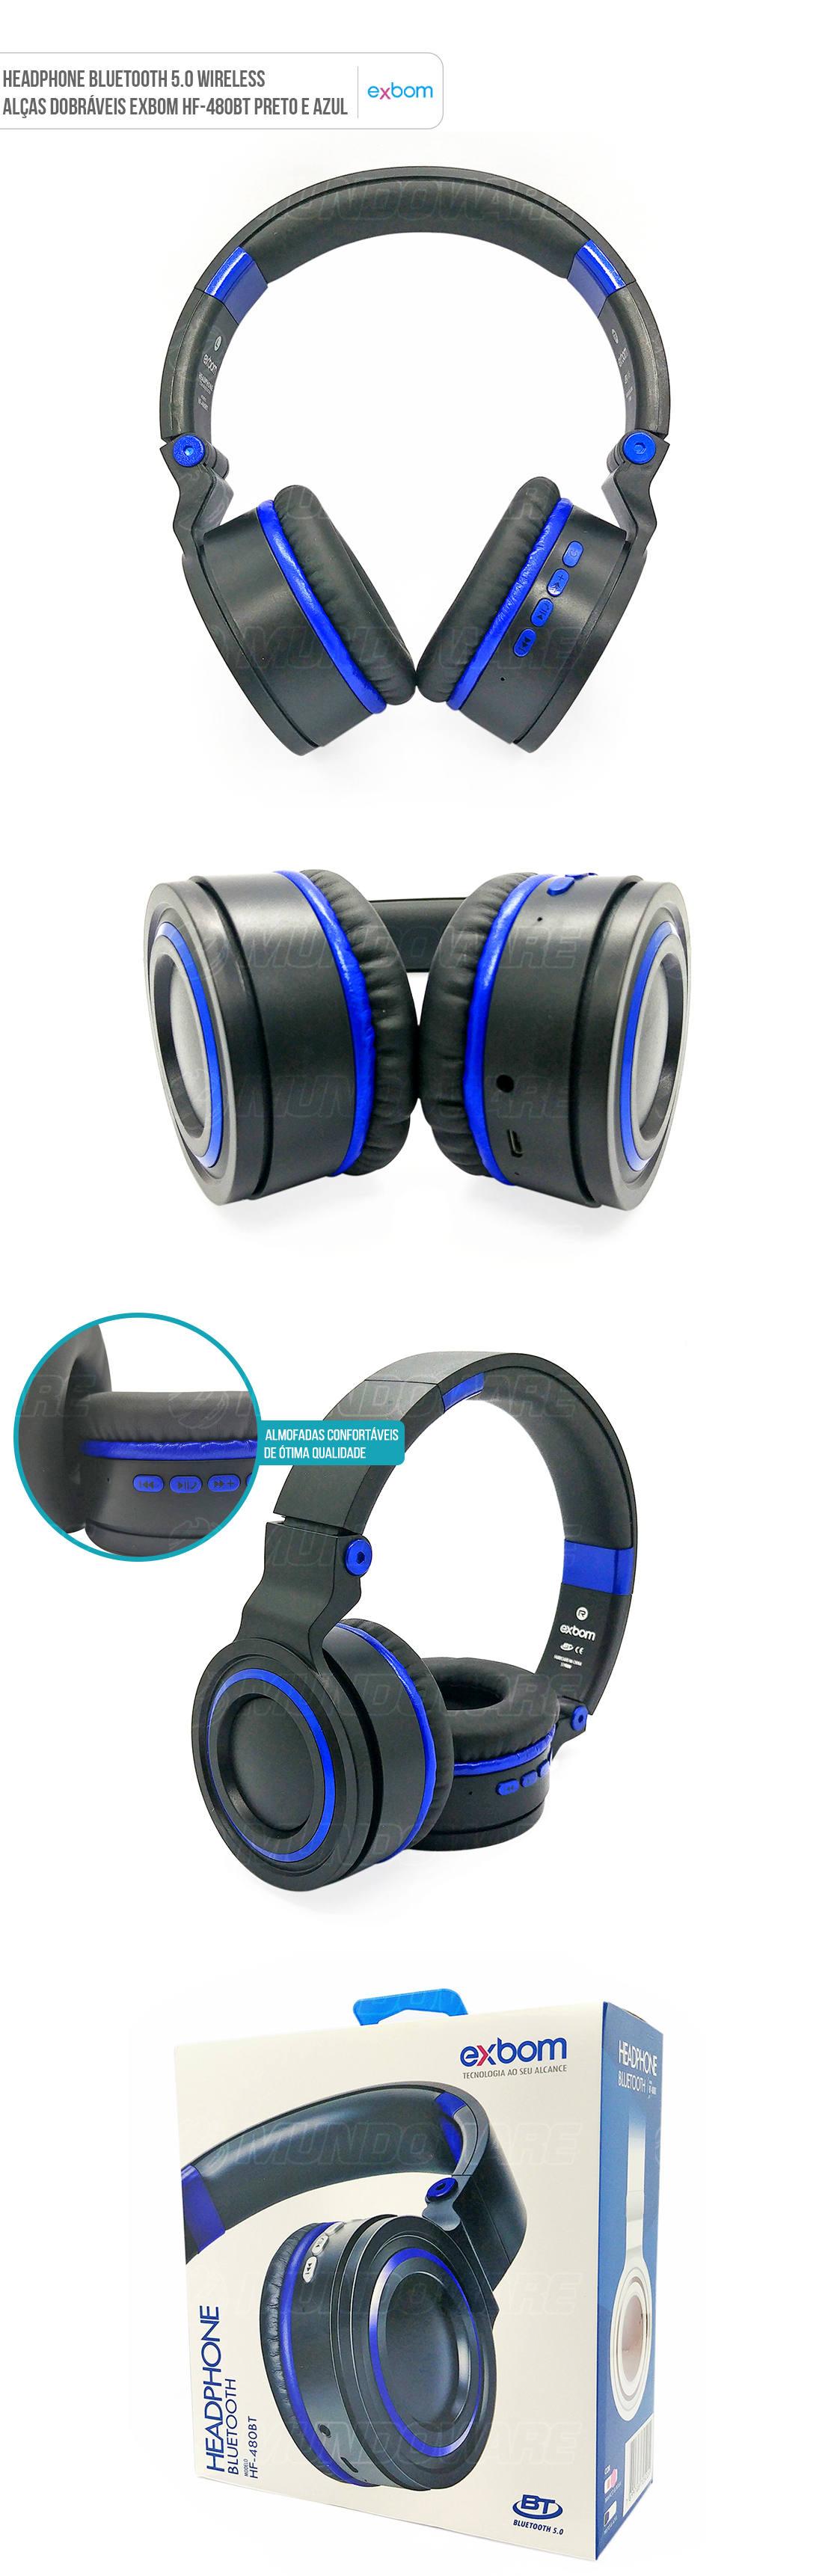 Headphone Bluetooth 5.0 Sem fio com bateria interna e alças dobráveis HF-480br preto com azul